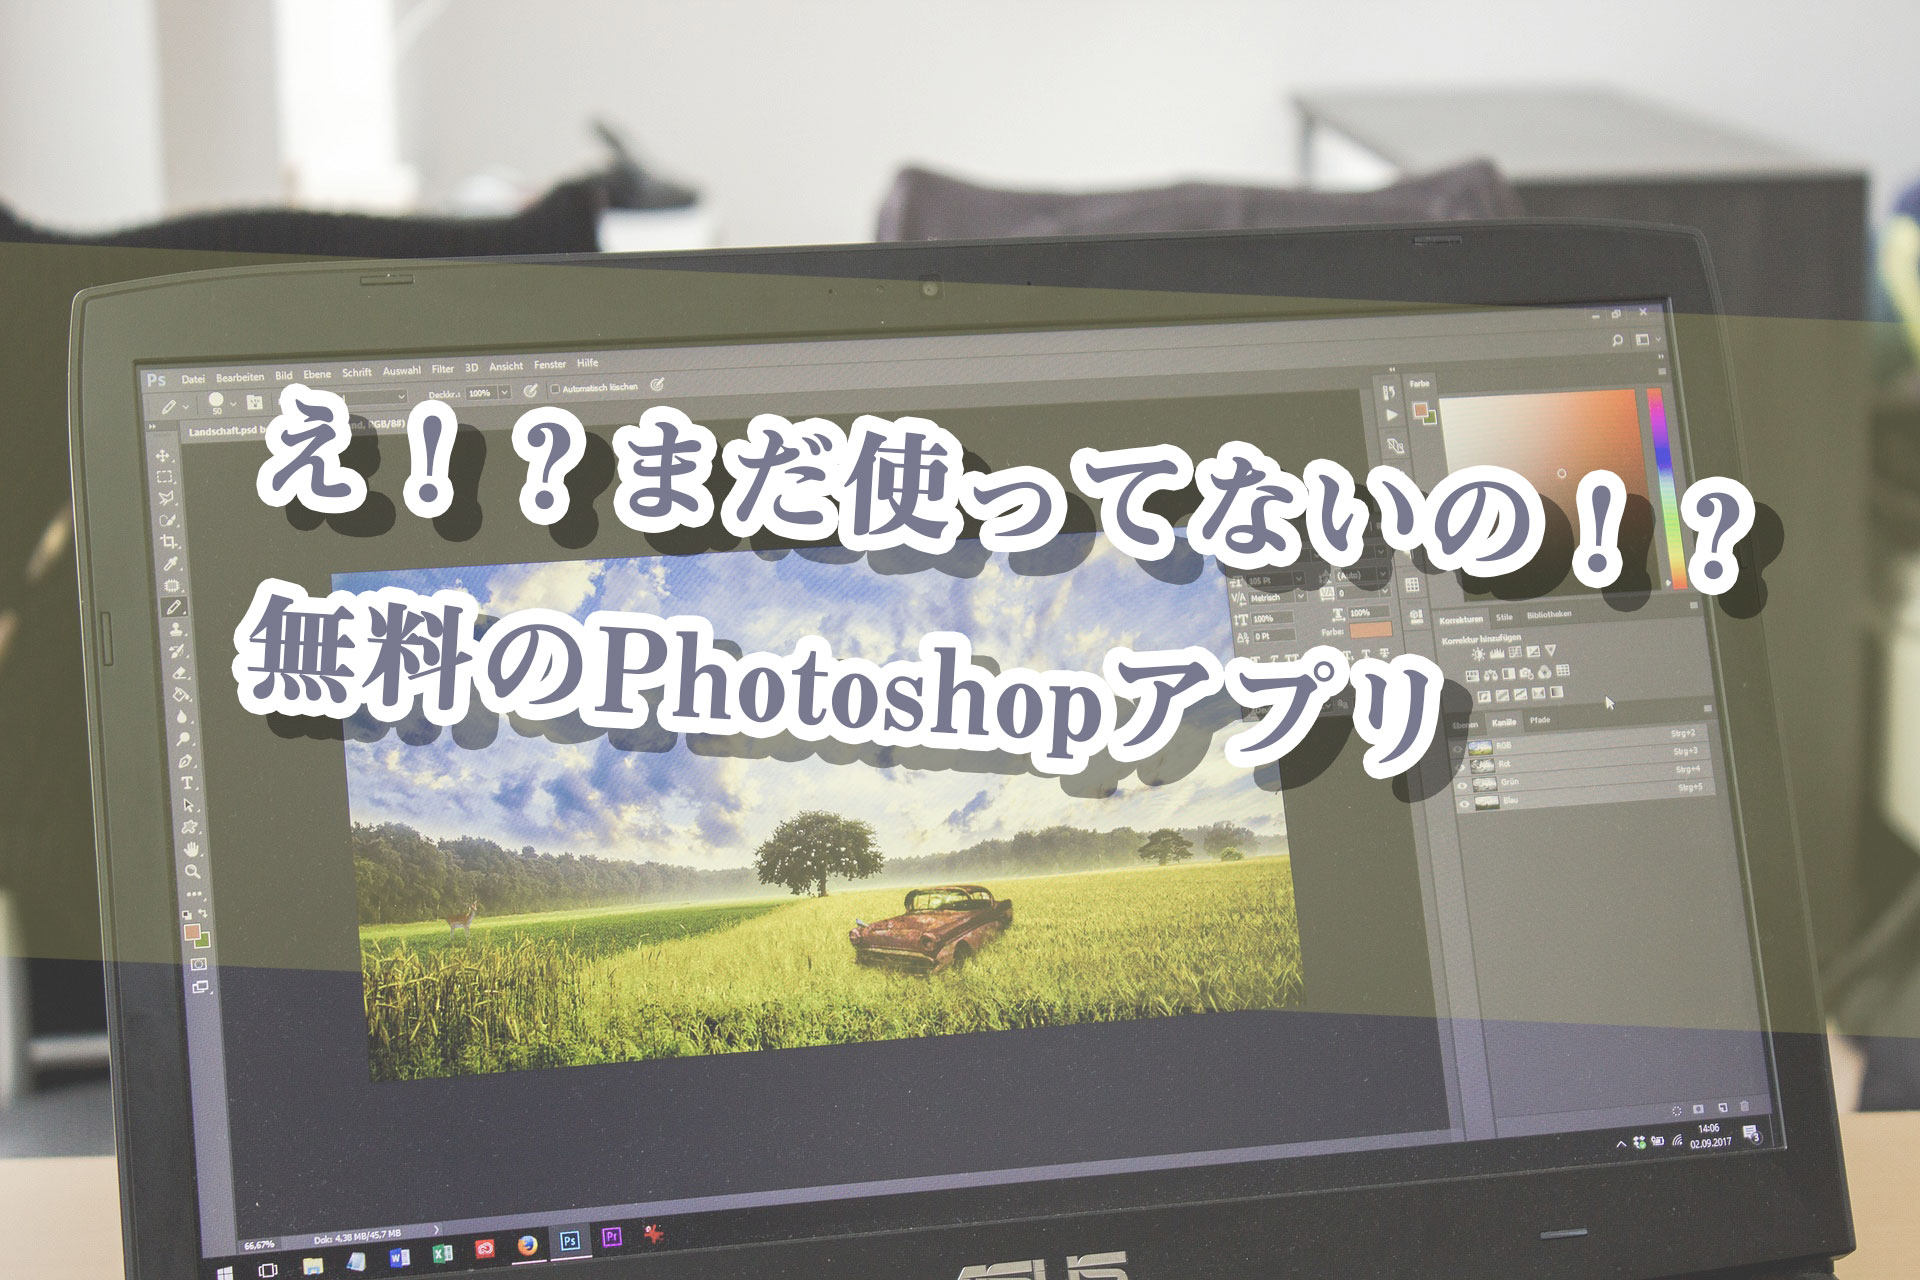 え!?まだ使ってないの!?無料のPhotoshopアプリ